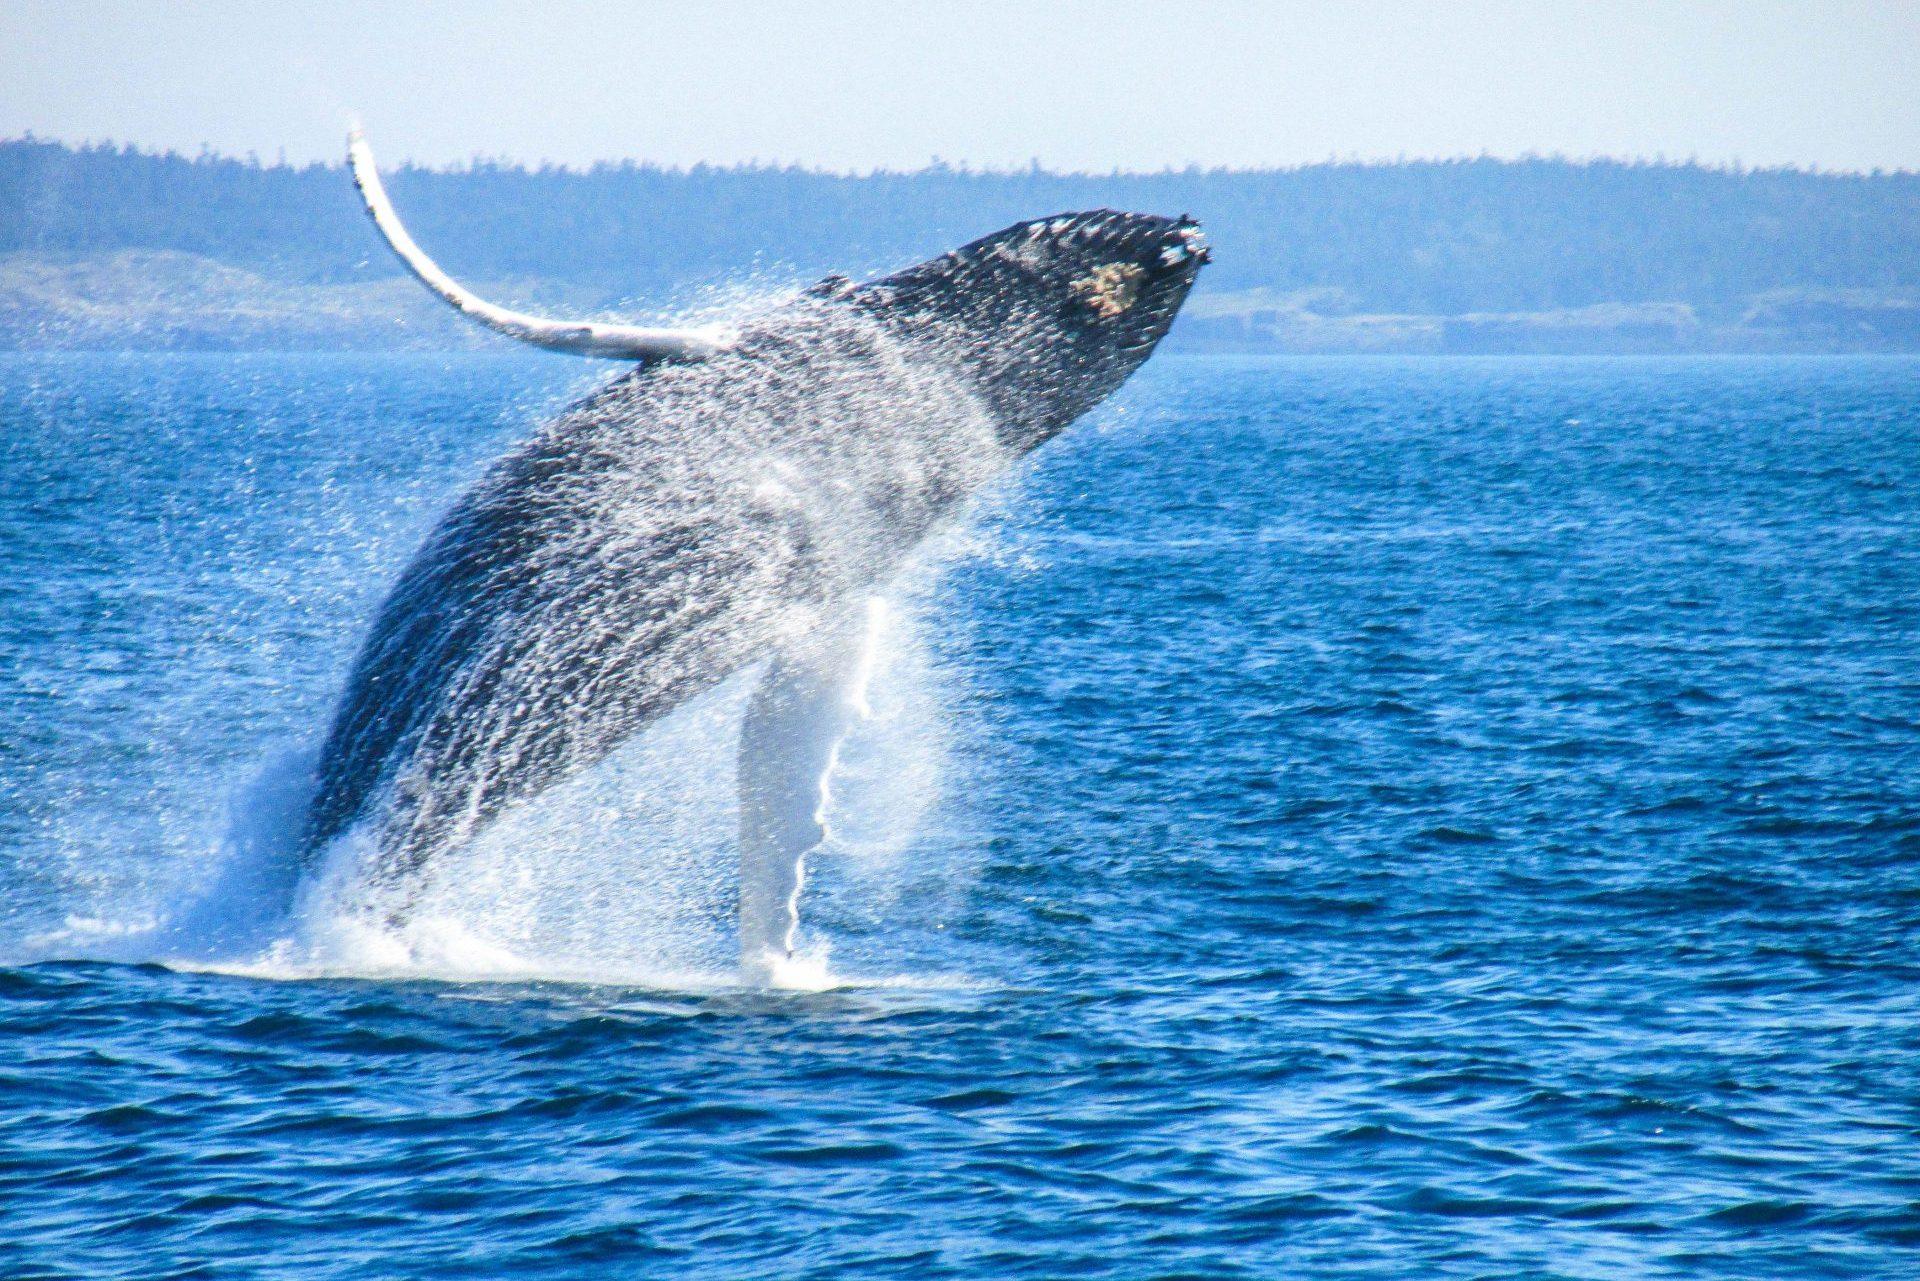 Bei den Whale Watching Touren kann man den Walen oft ganz nah kommen